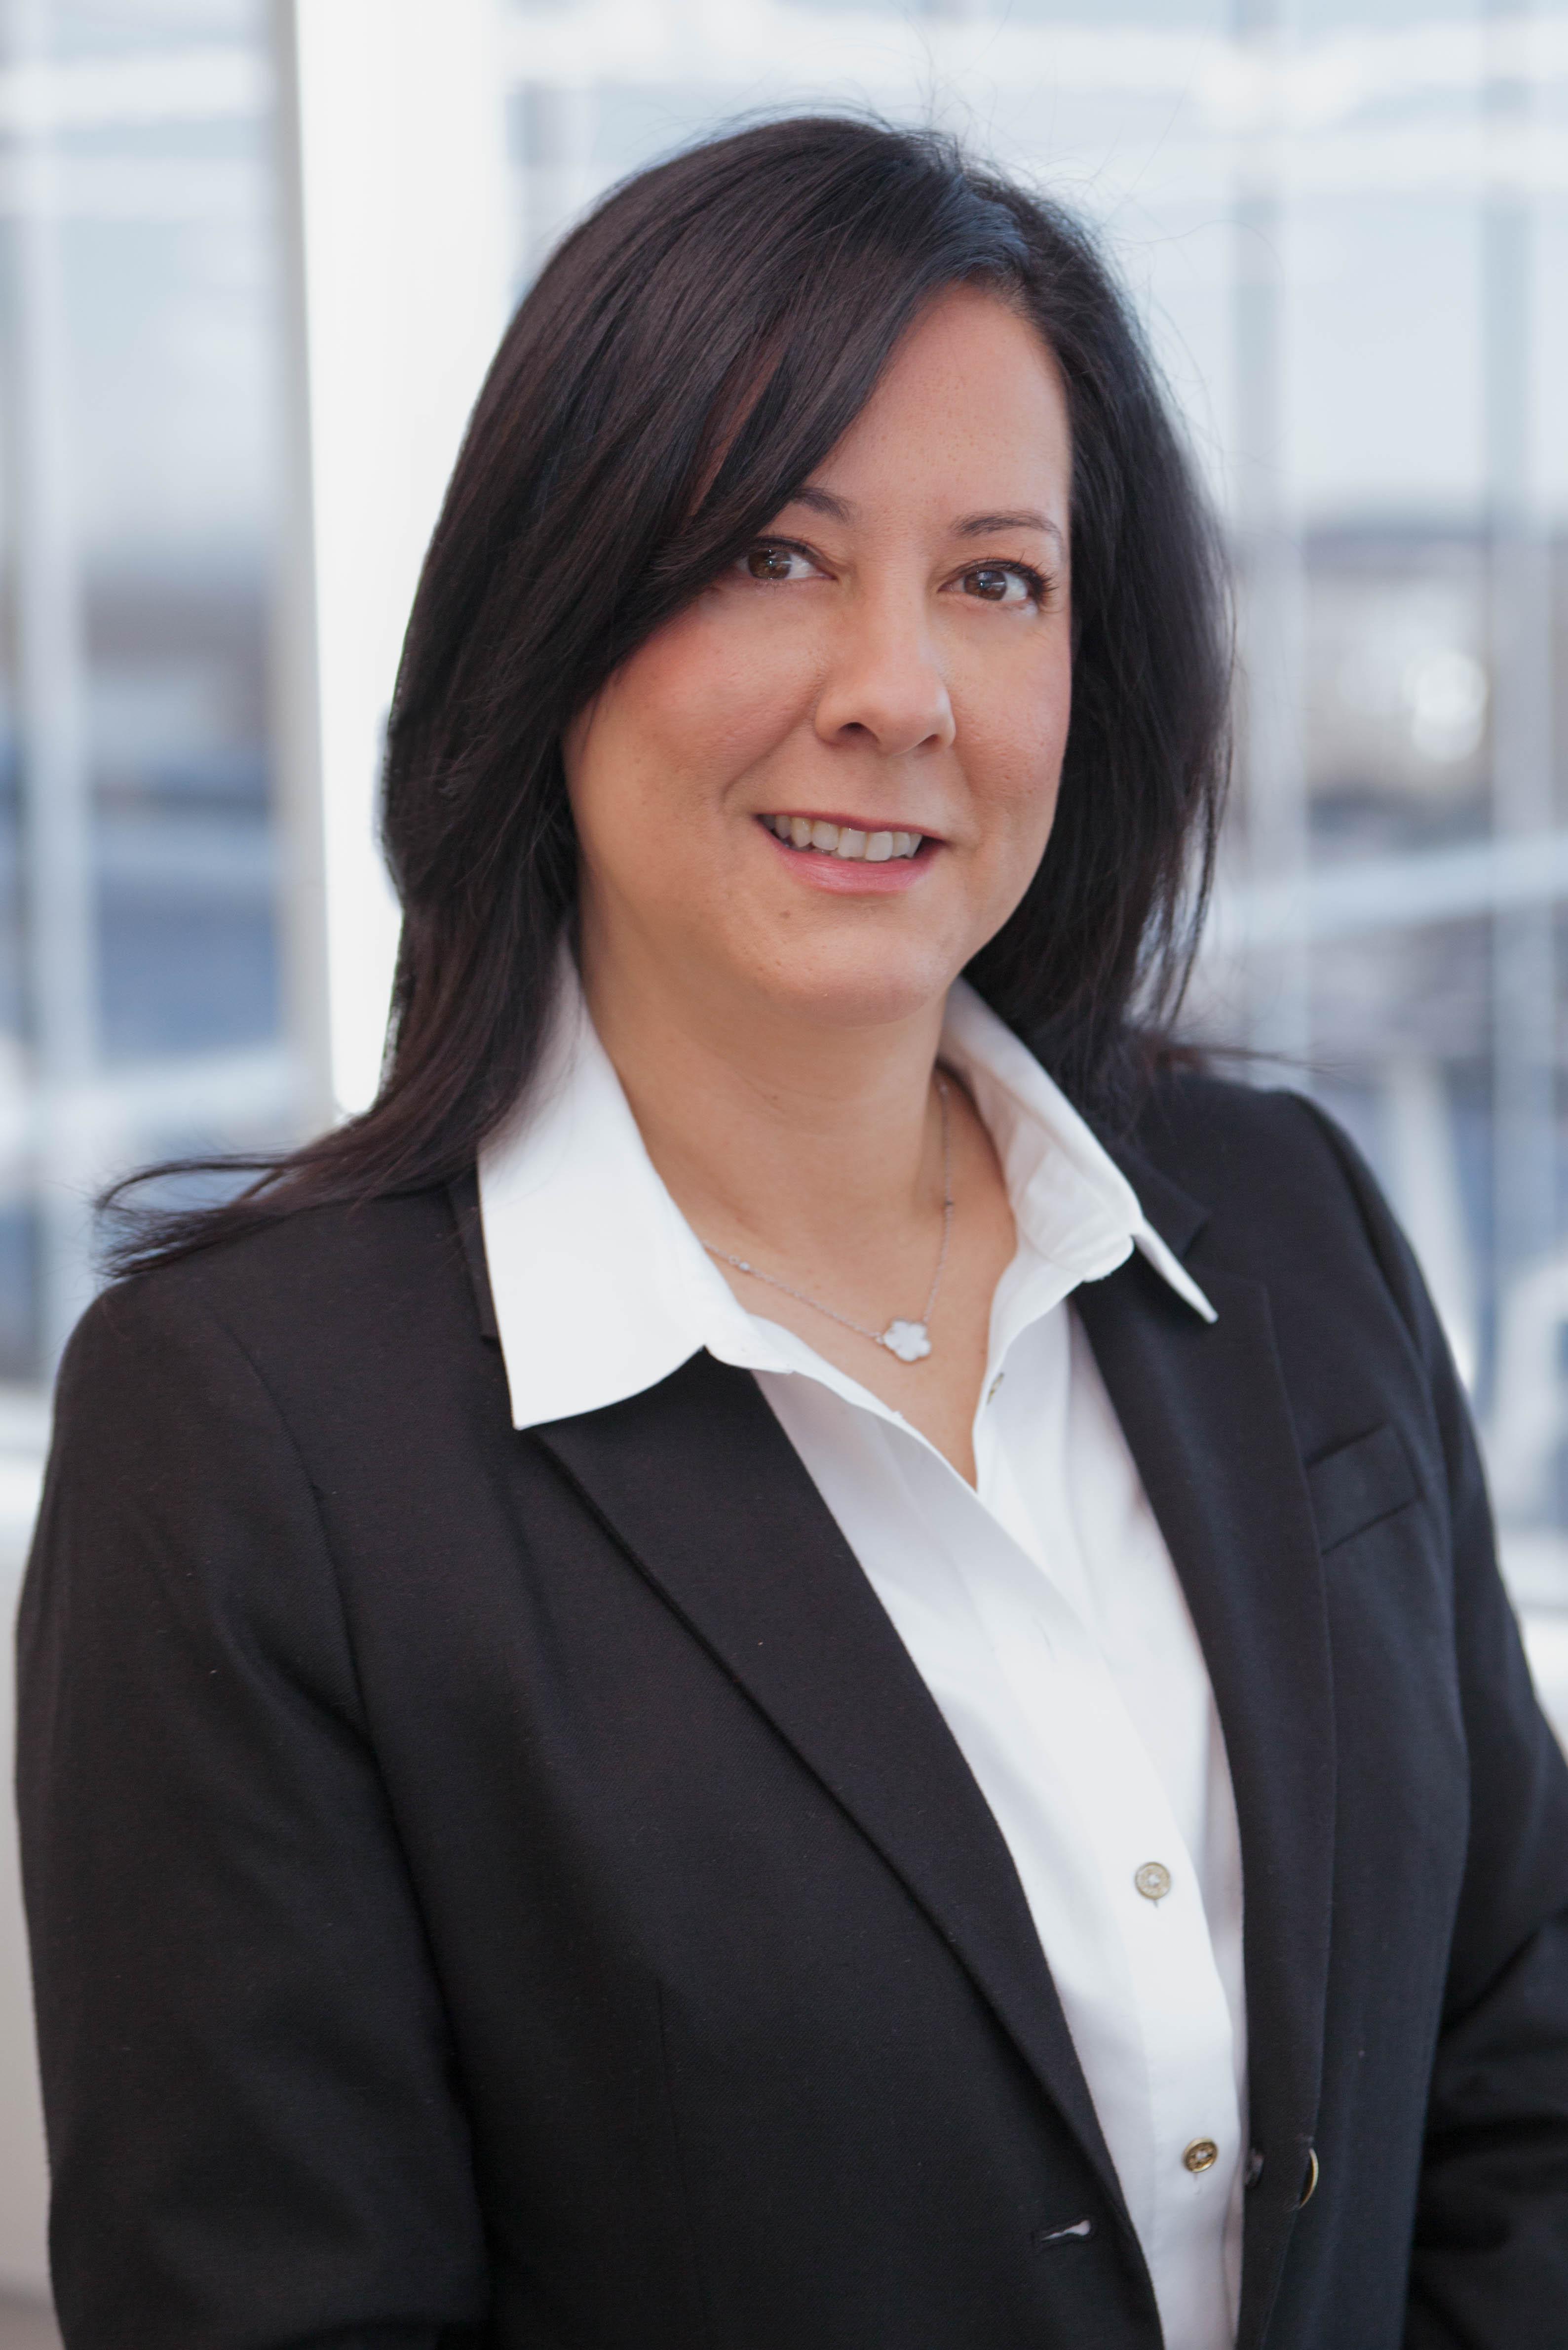 Monica Sarantidis